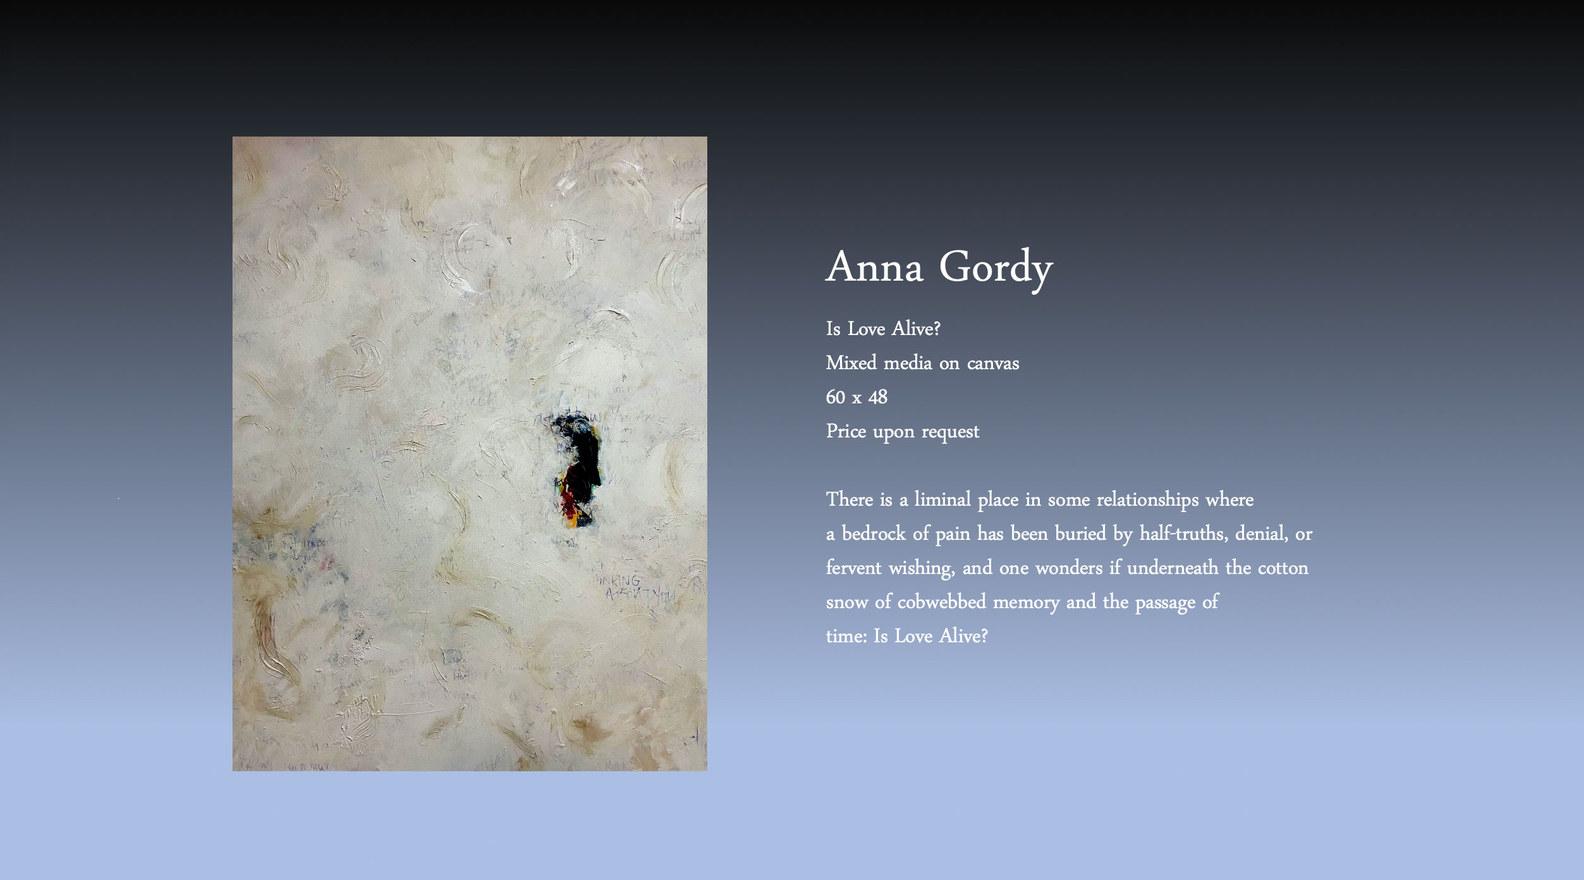 Anna Gordy